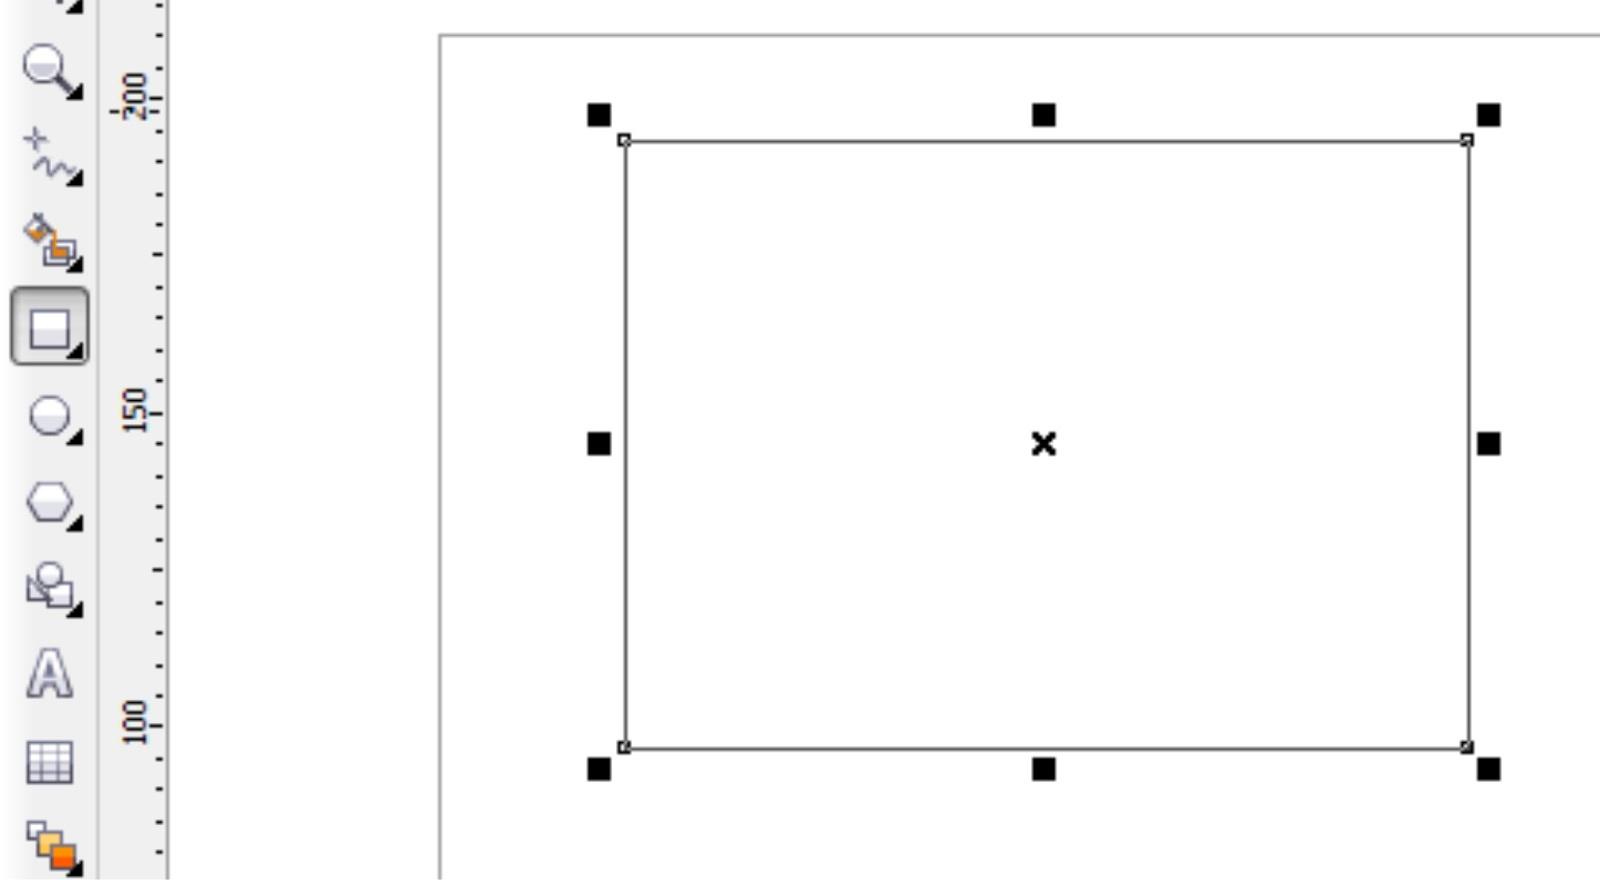 cara mencopong objek gambar di corel draw